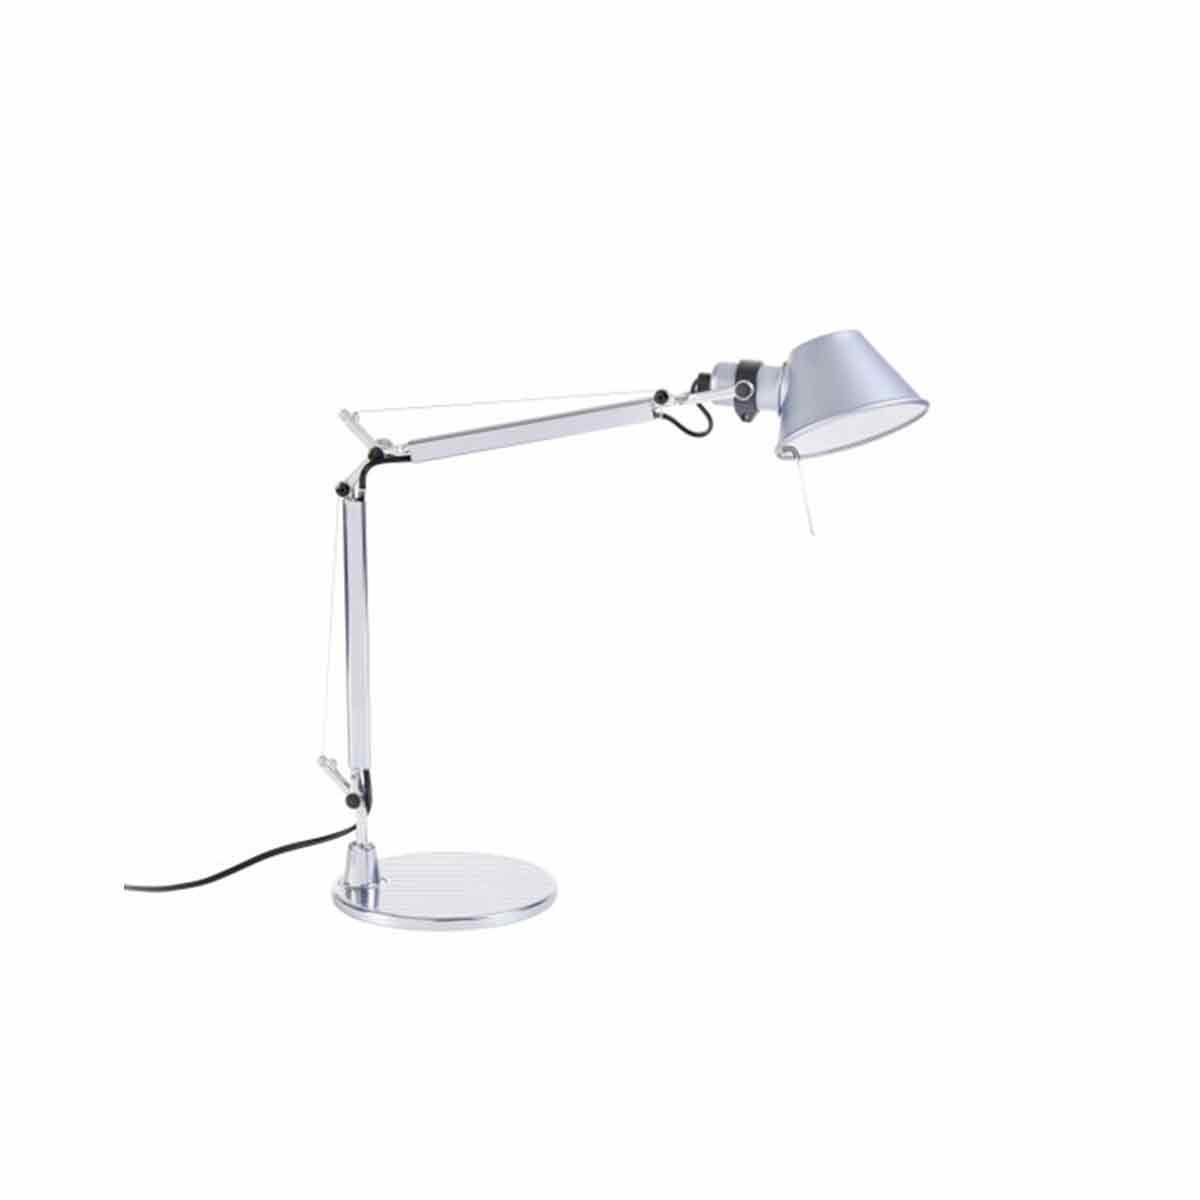 Stona lampa TOLOMEO MICRO ALLUMINIO